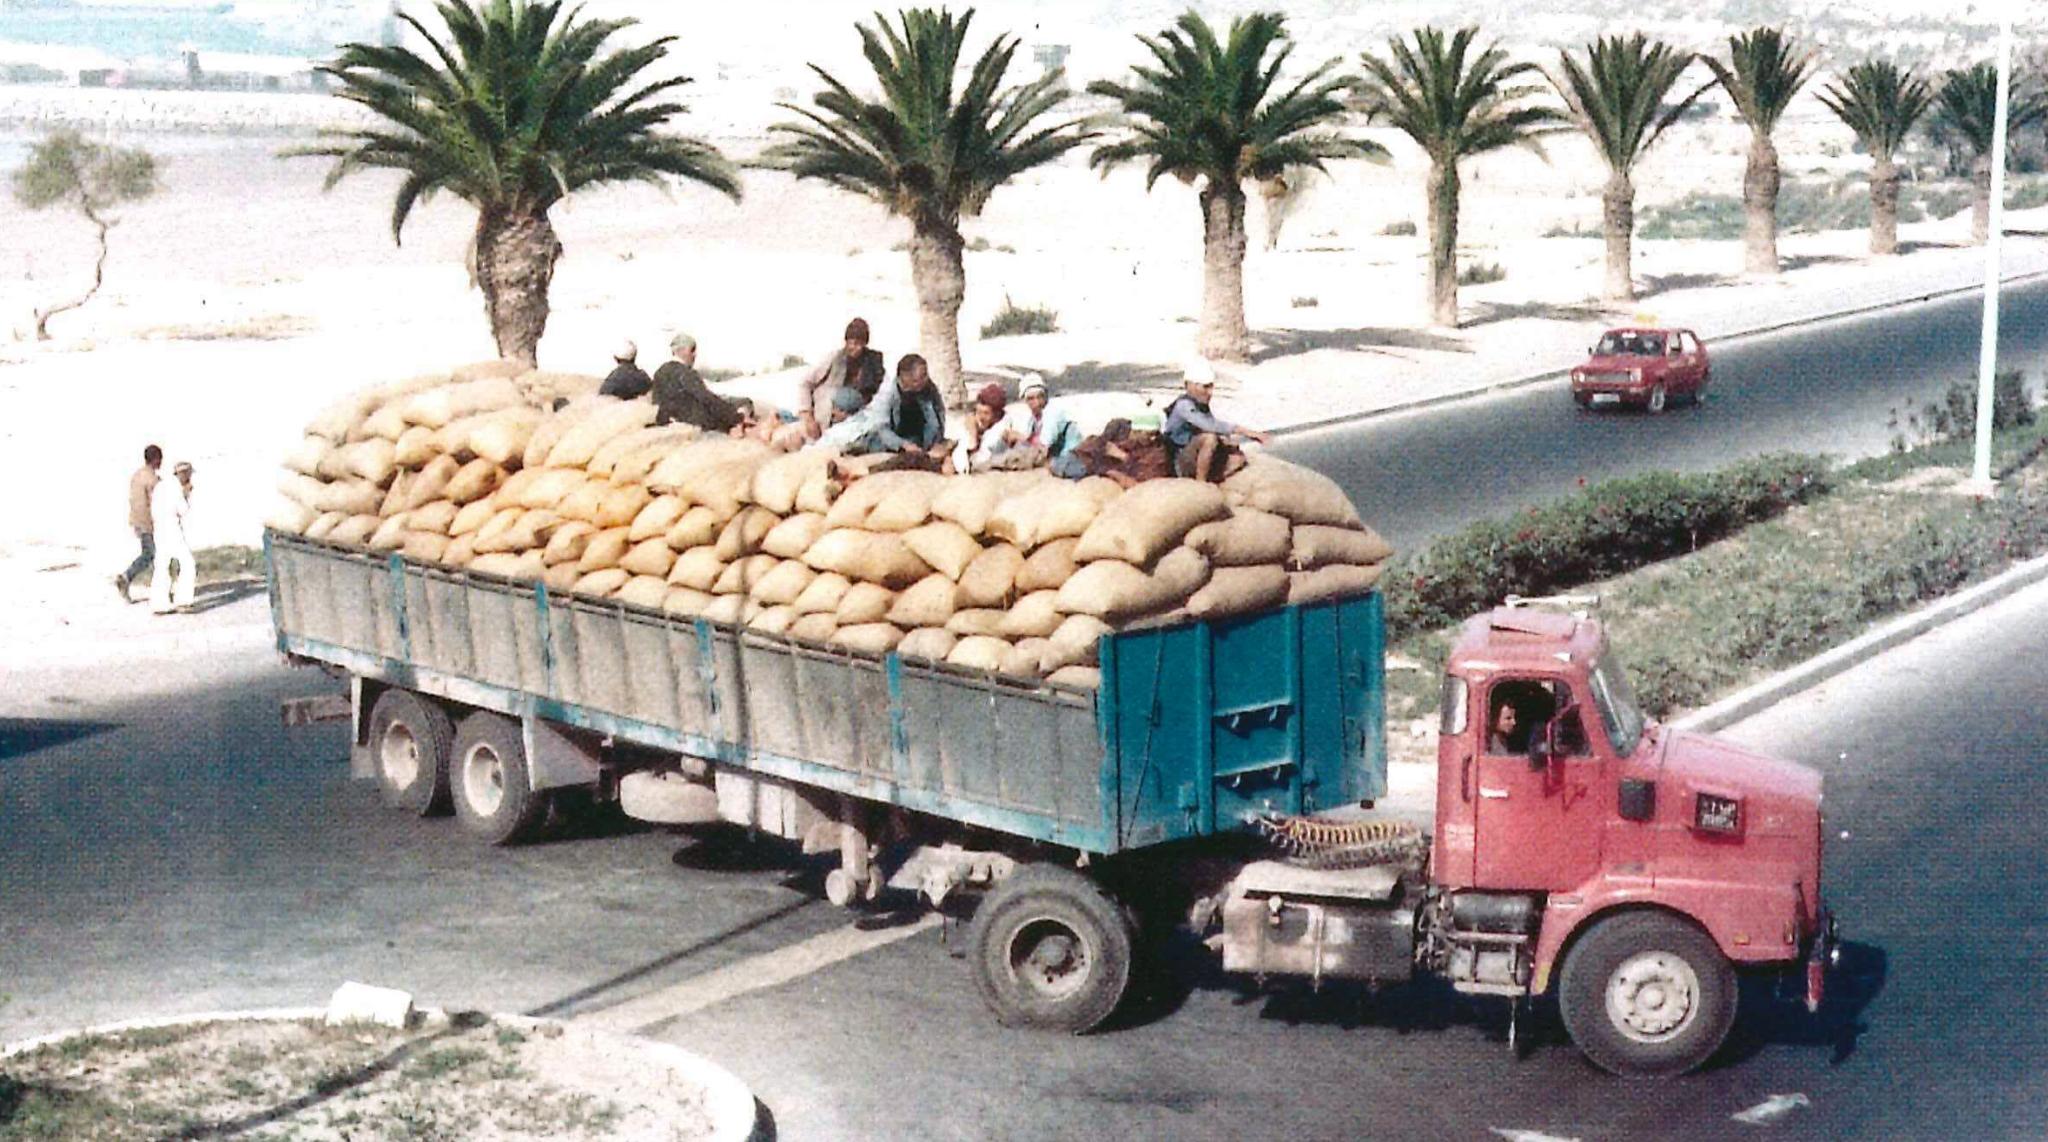 Transport Routier au Maroc - Histoire - Page 2 49787260231_3c2a104cb2_o_d